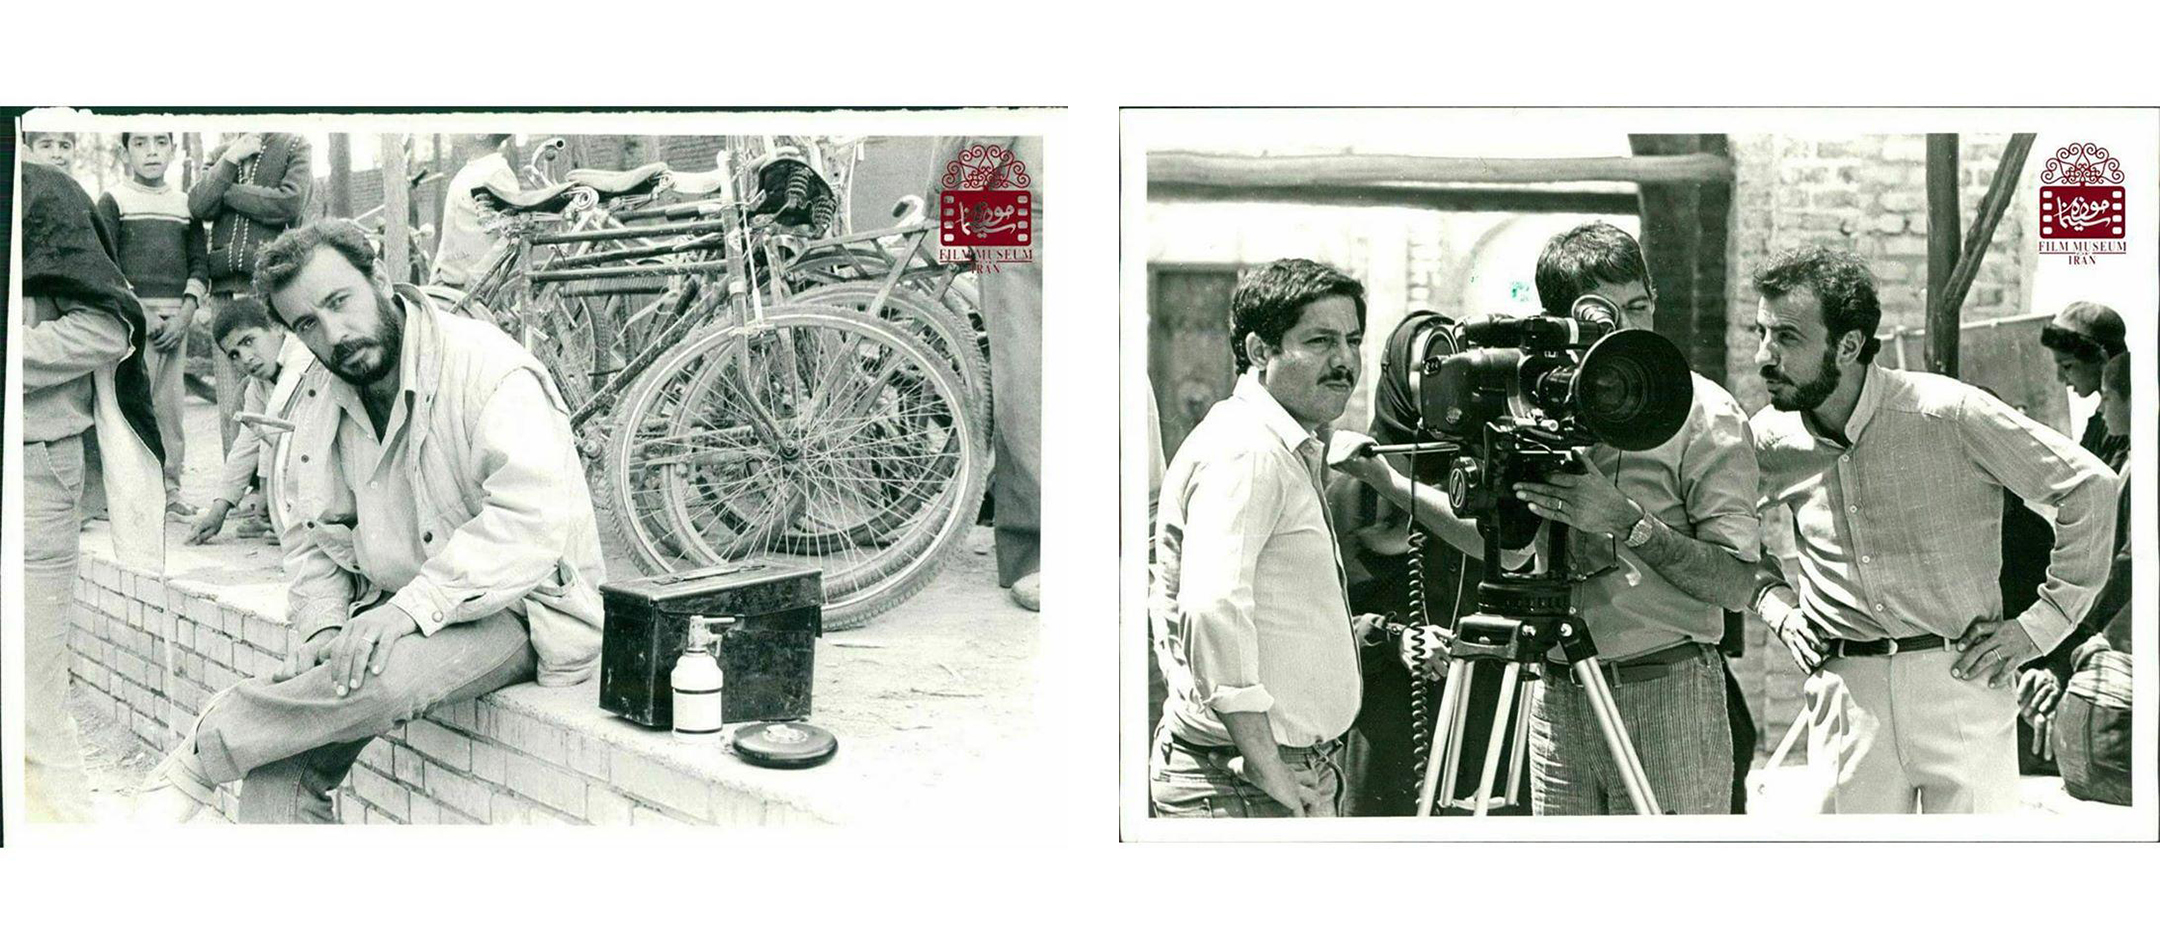 عکسهای کمتر دیدهشده از علی حاتمی در پشتصحنه فیلمها (بخش پنجم) | منبع: تاریخی موزه سینمای ایران